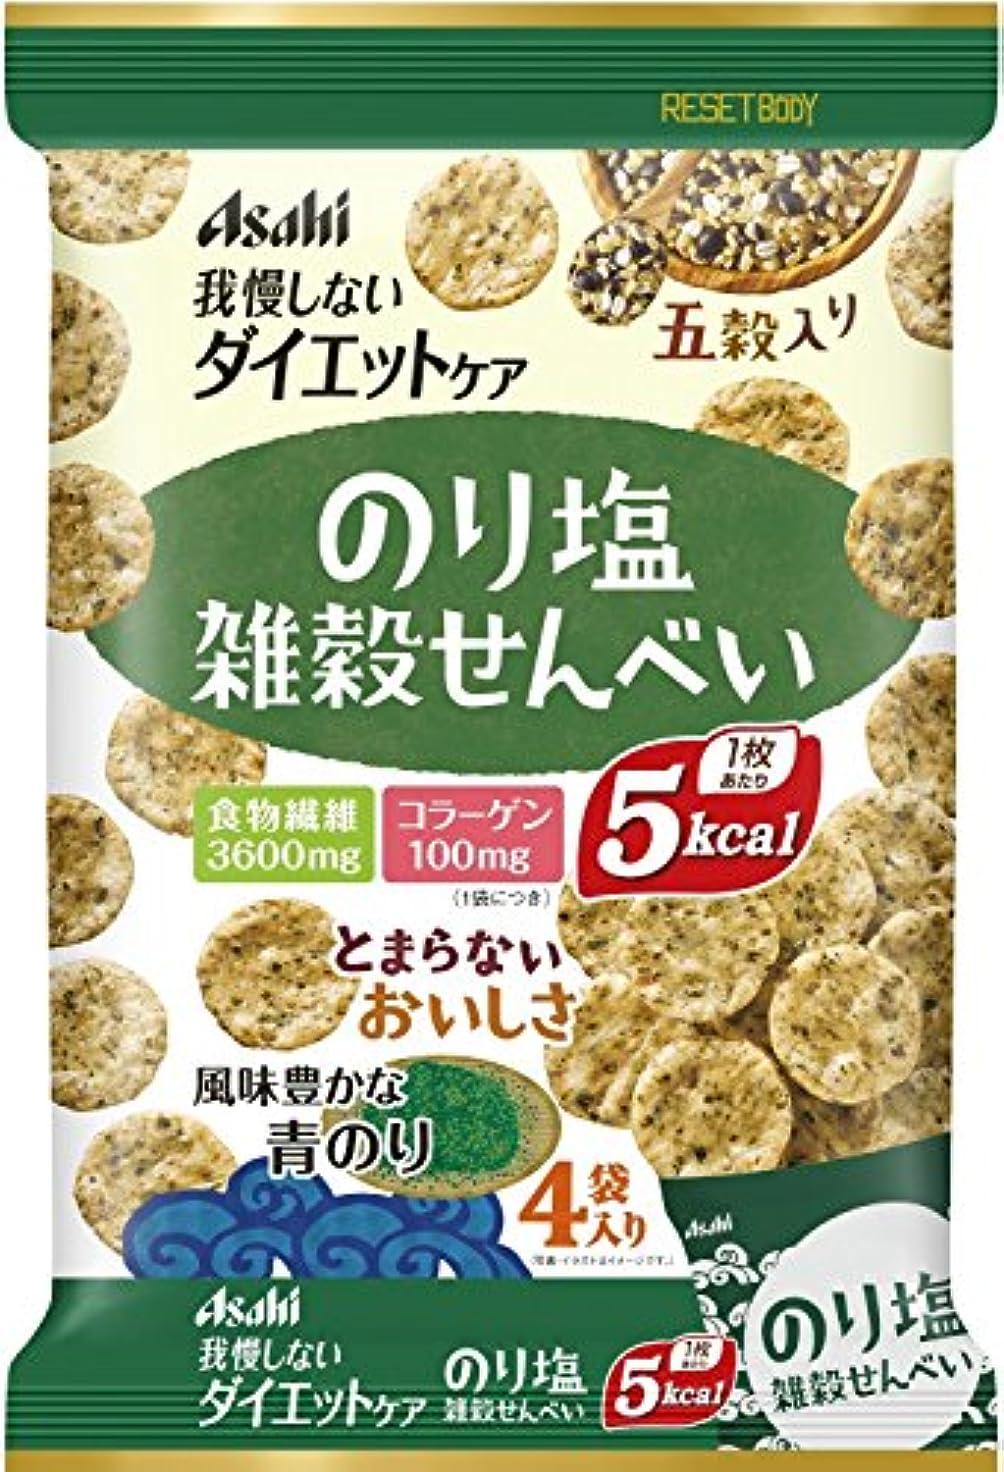 巡礼者理解する哀リセットボディ 雑穀せんべい のり塩味 88g(22g×4袋)